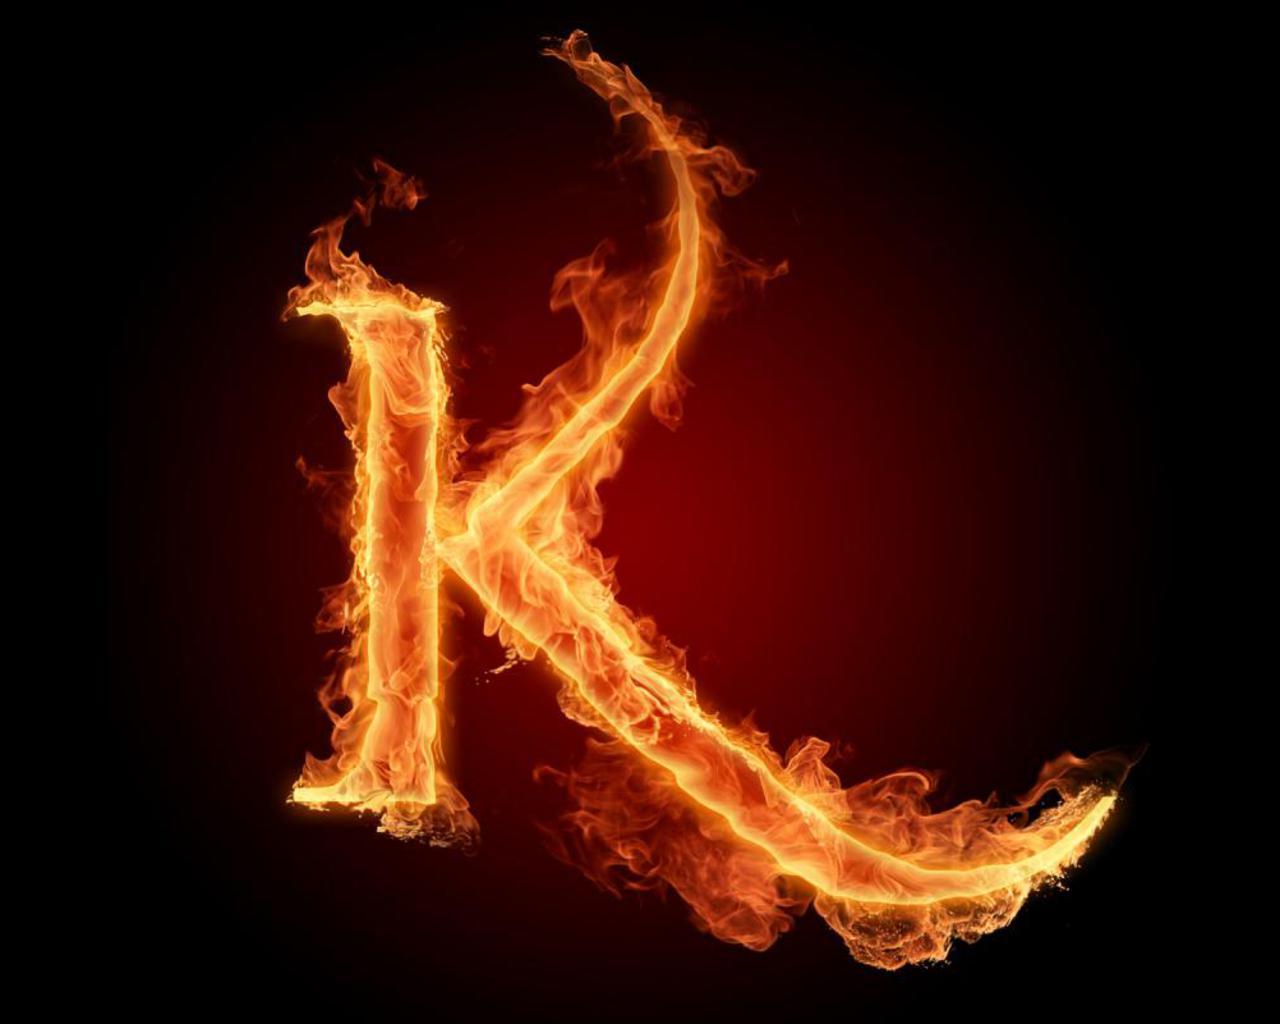 بالصور أجمل ألصور لحرف k